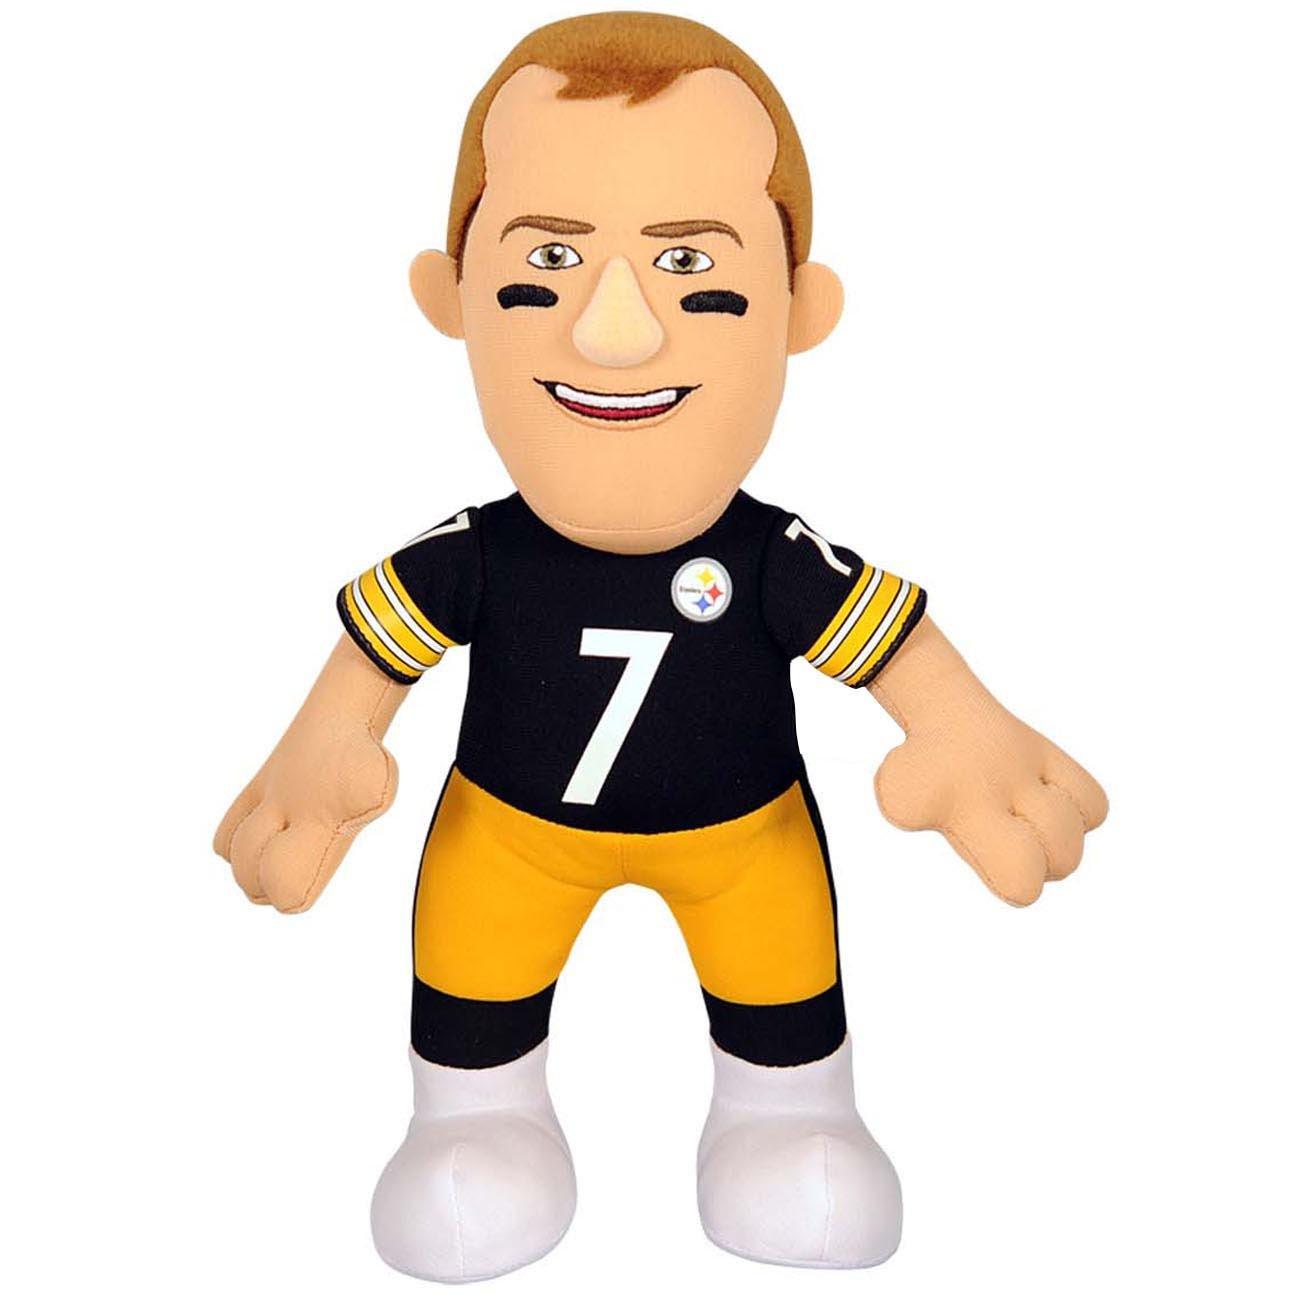 Bleacher Creatures Ben Roethlisberger Pittsburgh Steelers NFL Plüsch Figur EPLUNFLP10STEBRO